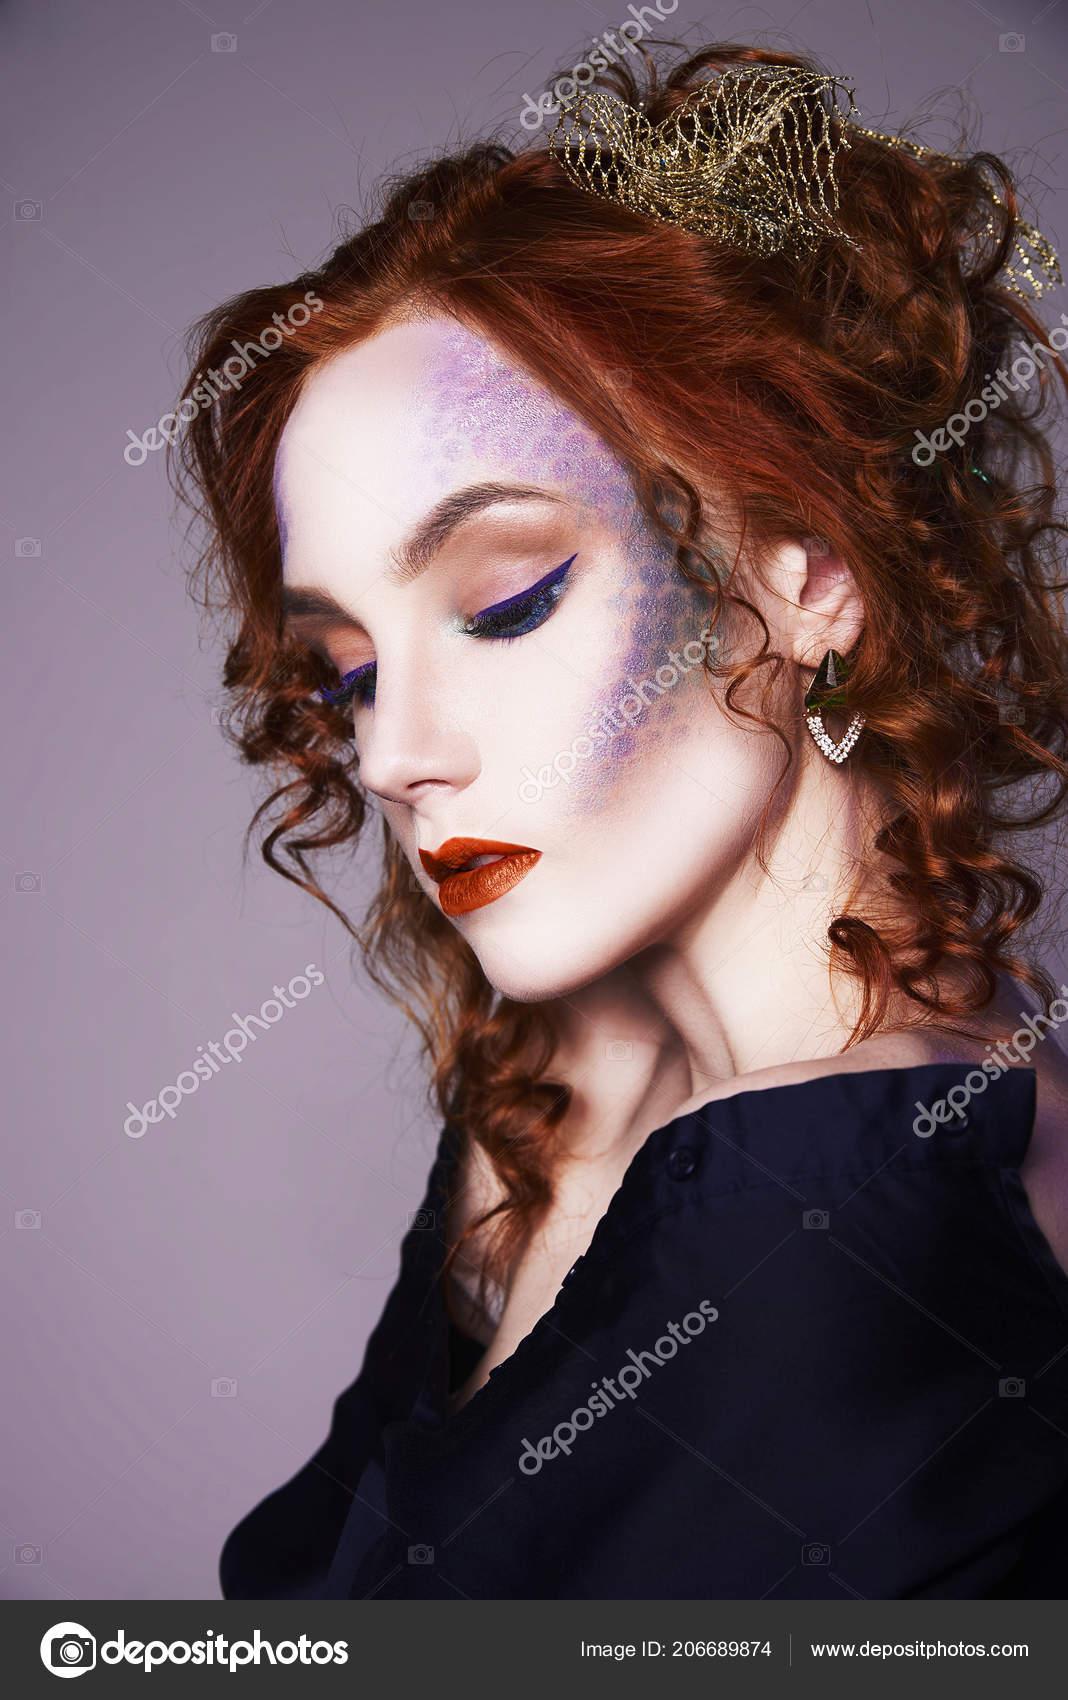 Junge Rote Haare Frau Mit Bunten Machen Beautiful Ingwer Mädchen